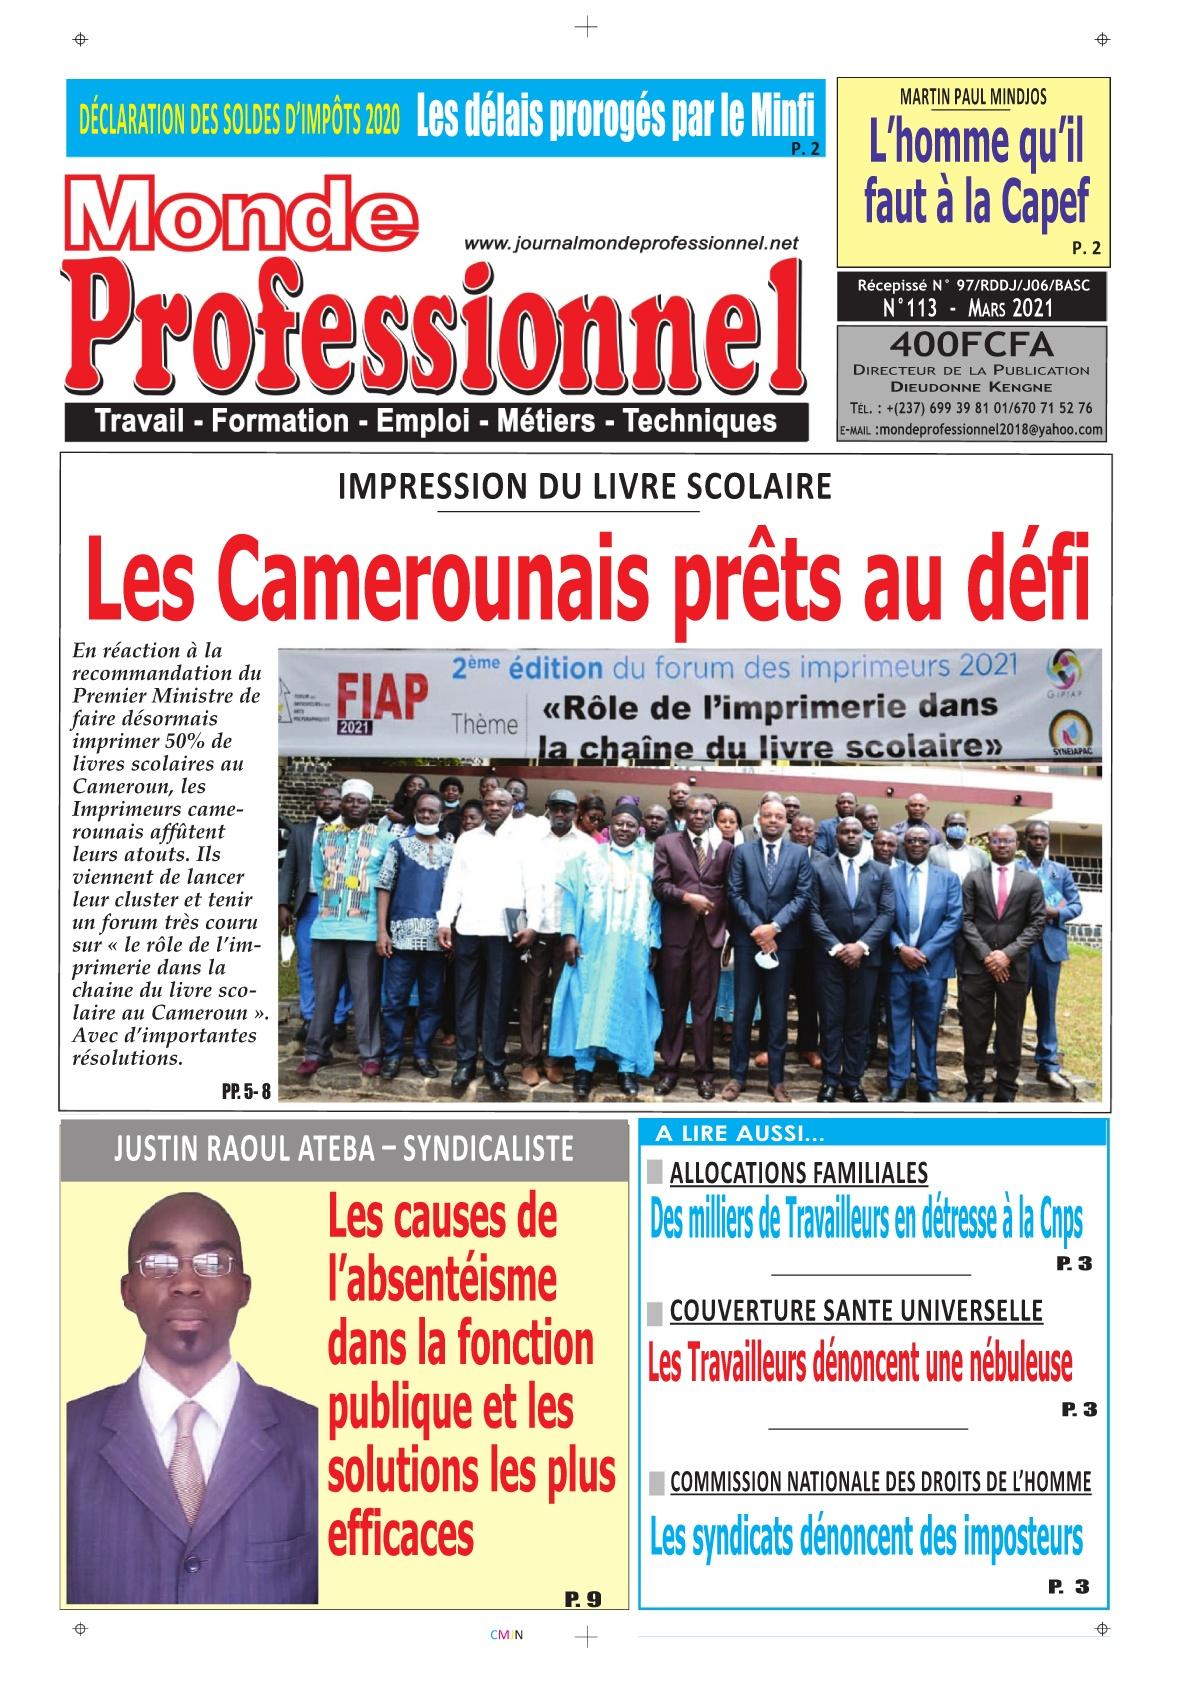 Monde Professionnel - 22/03/2021